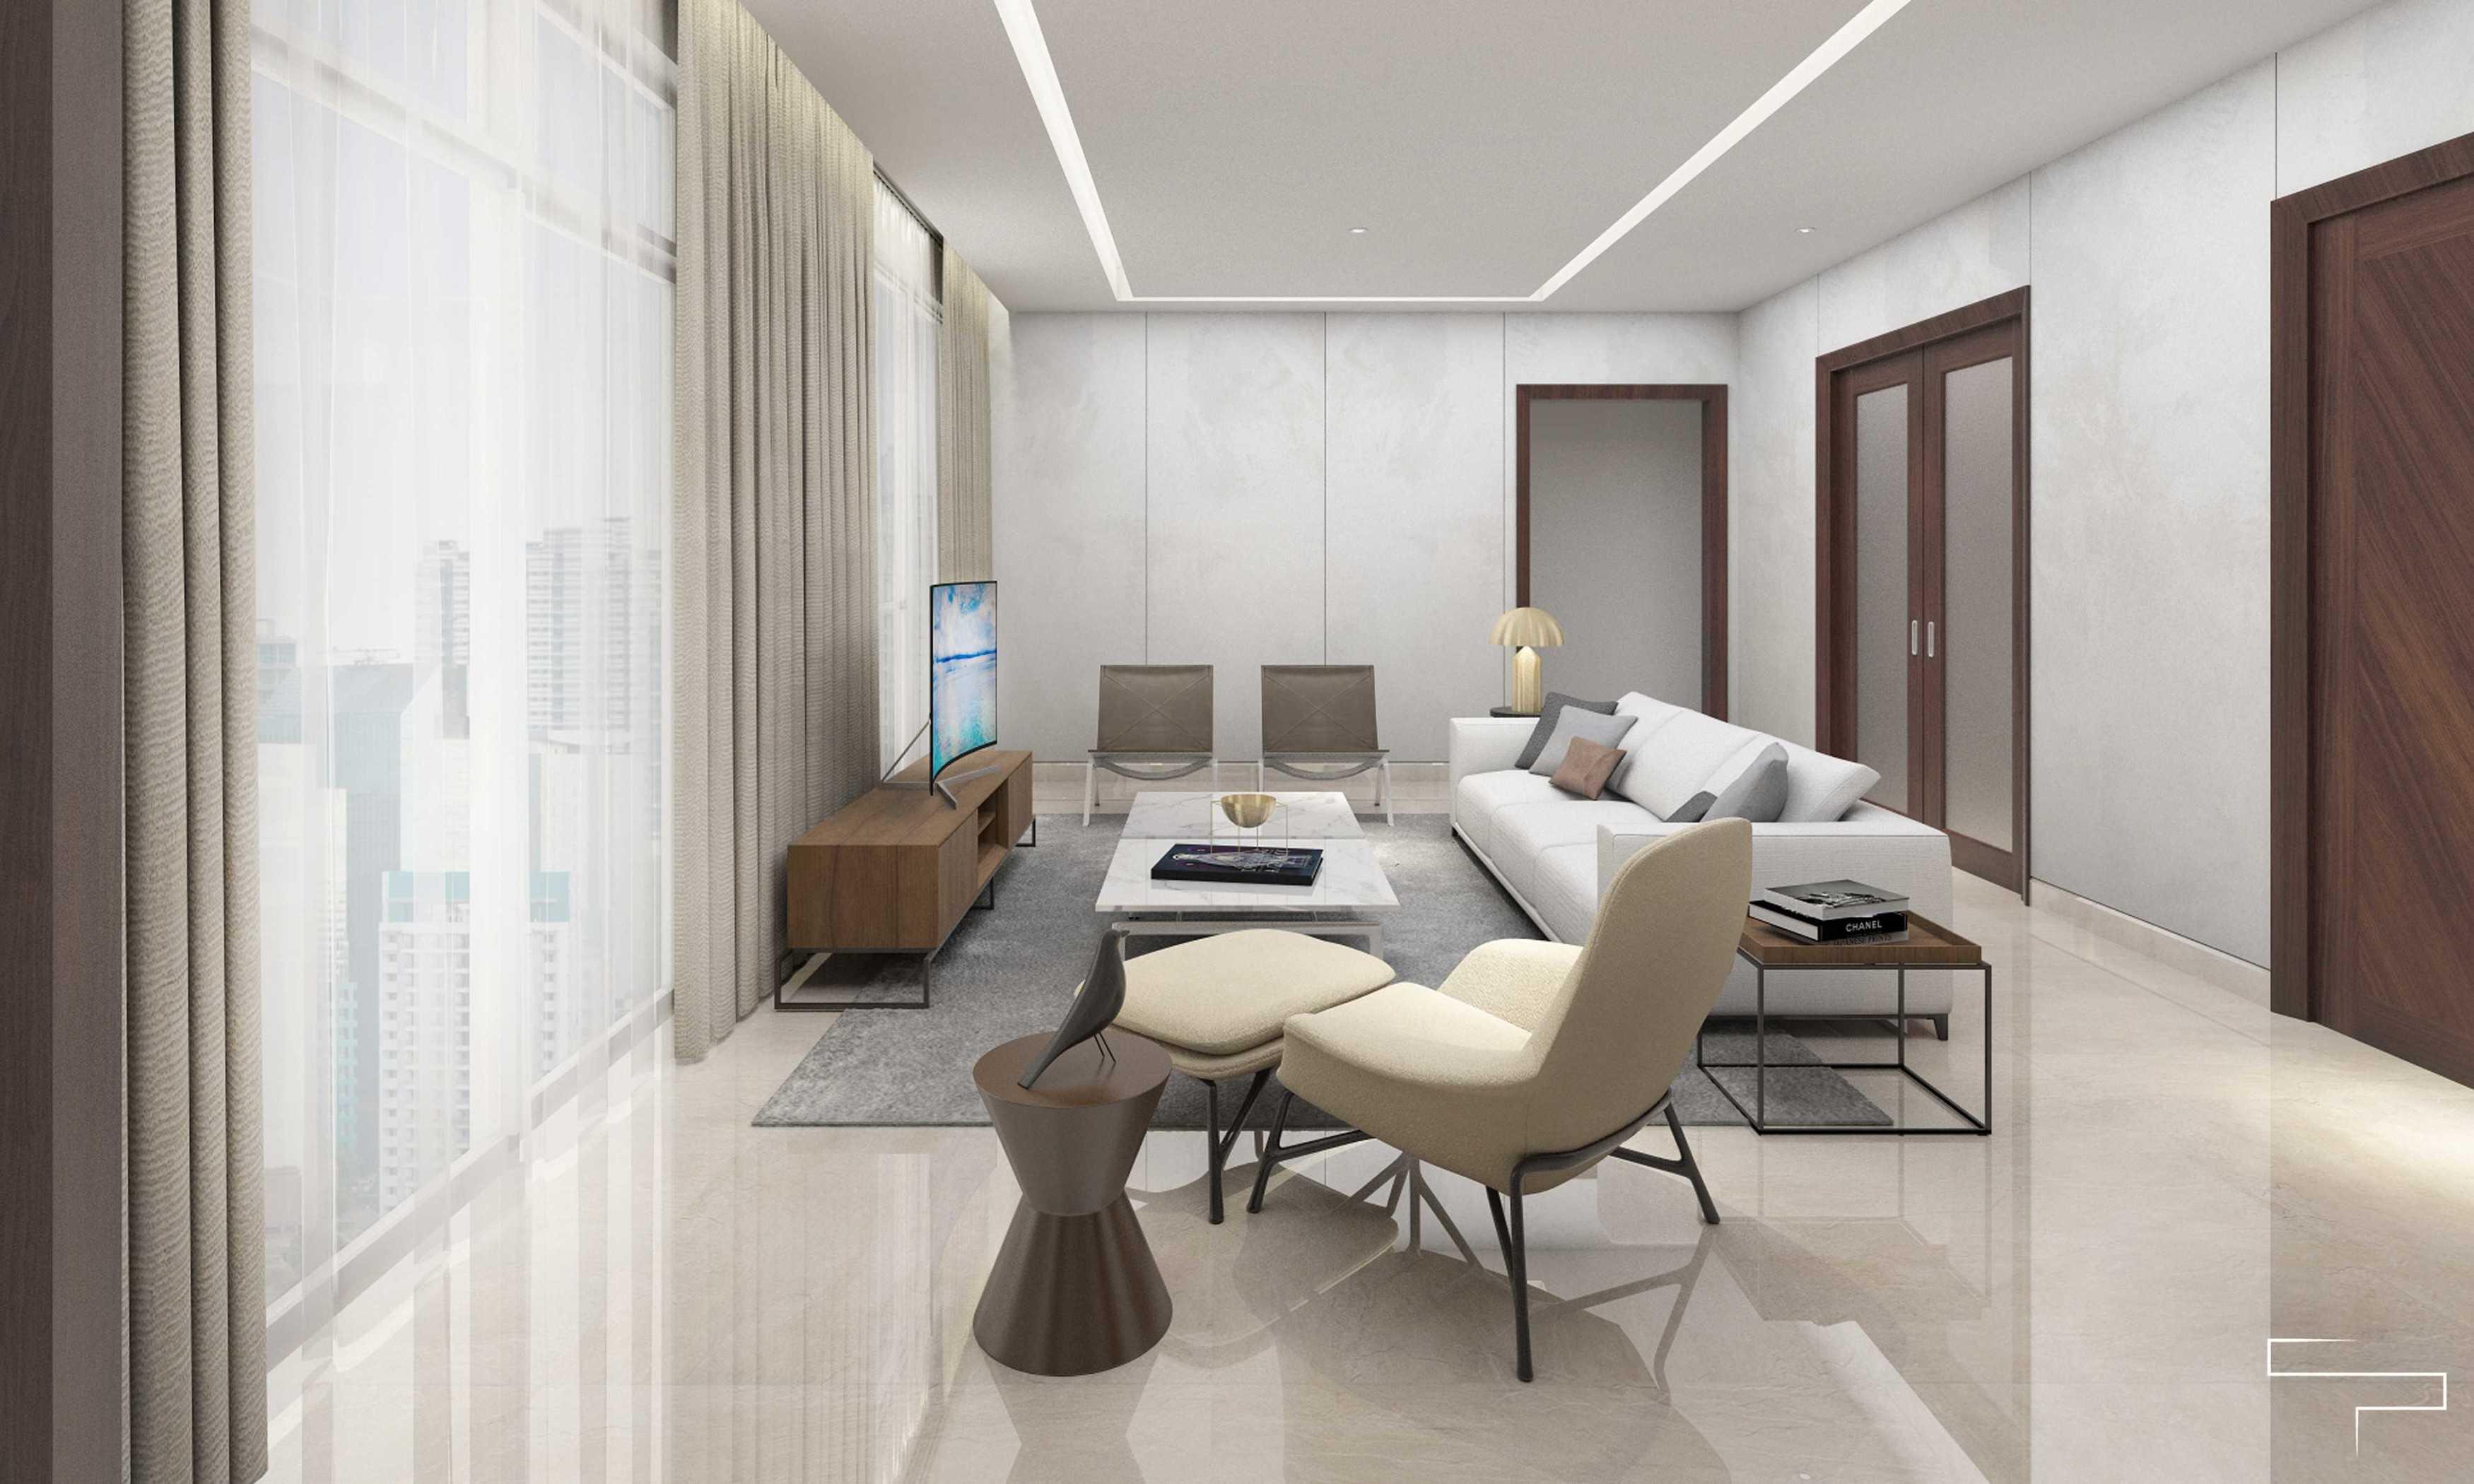 Sontani Partners 9B Residence Pakubuwono  Pakubuwono  Living Room Kontemporer,modern,wood  27616